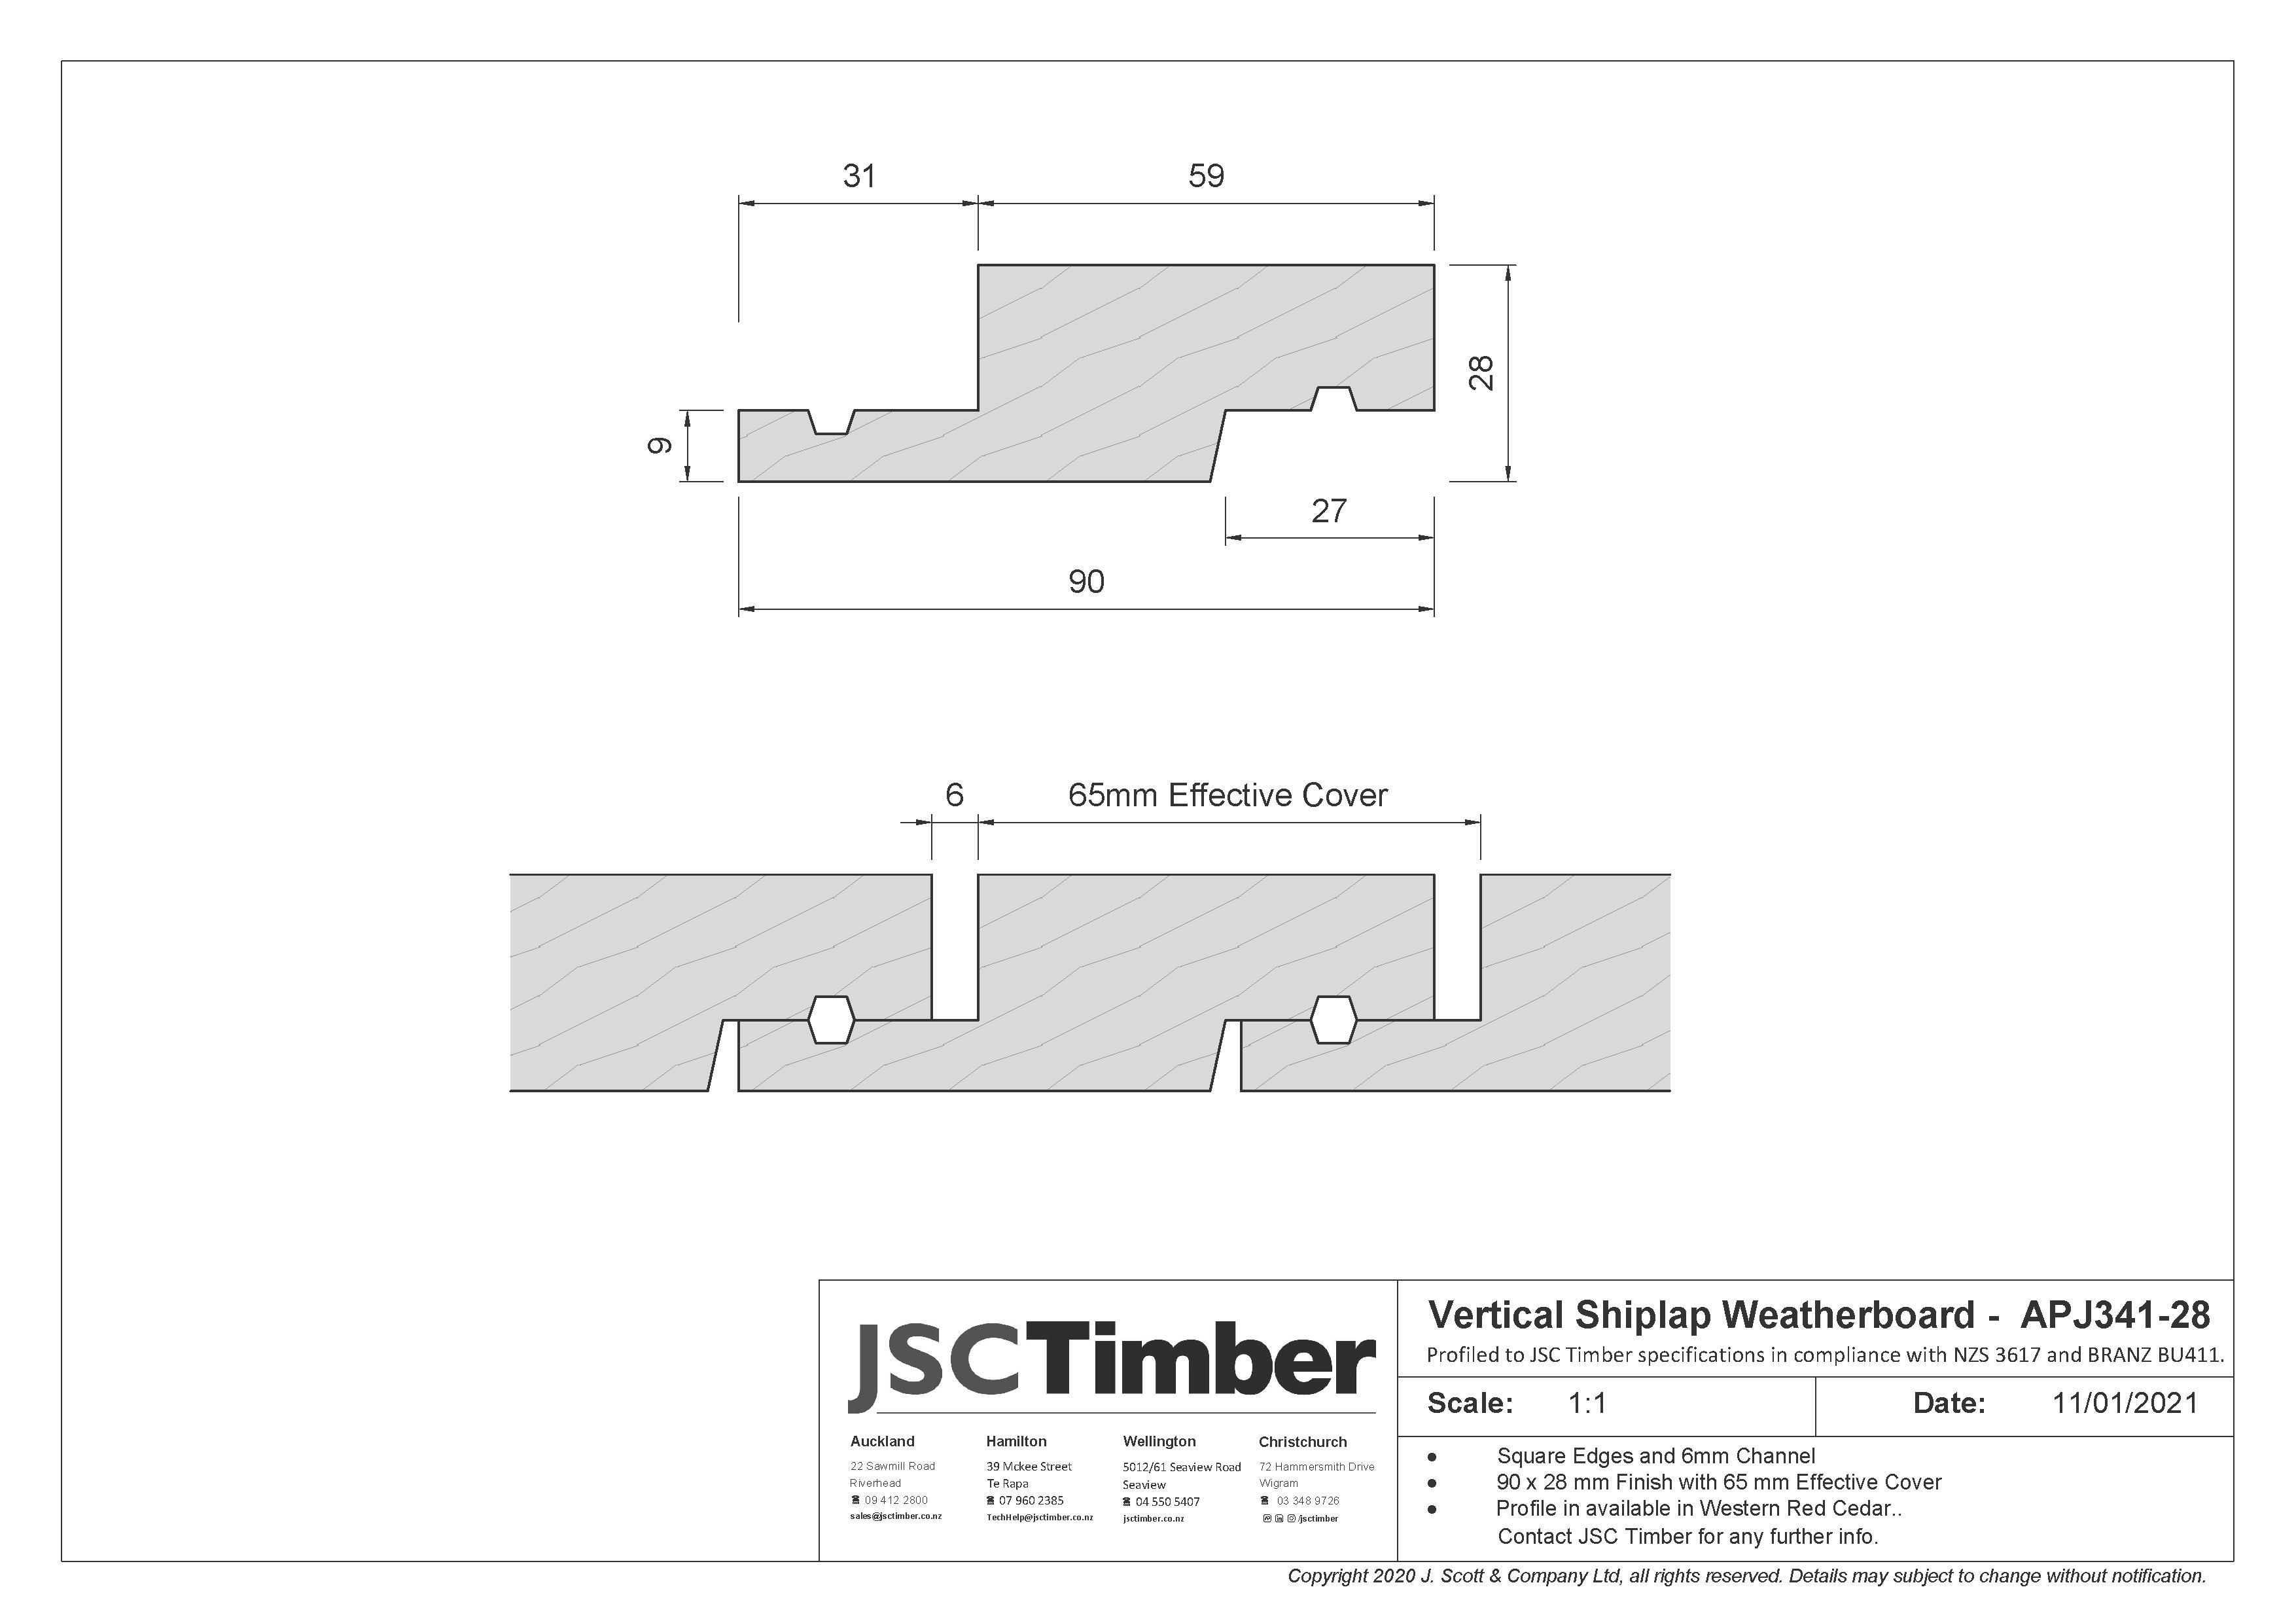 APJ341-28 Vertical Shiplap Weatherboard